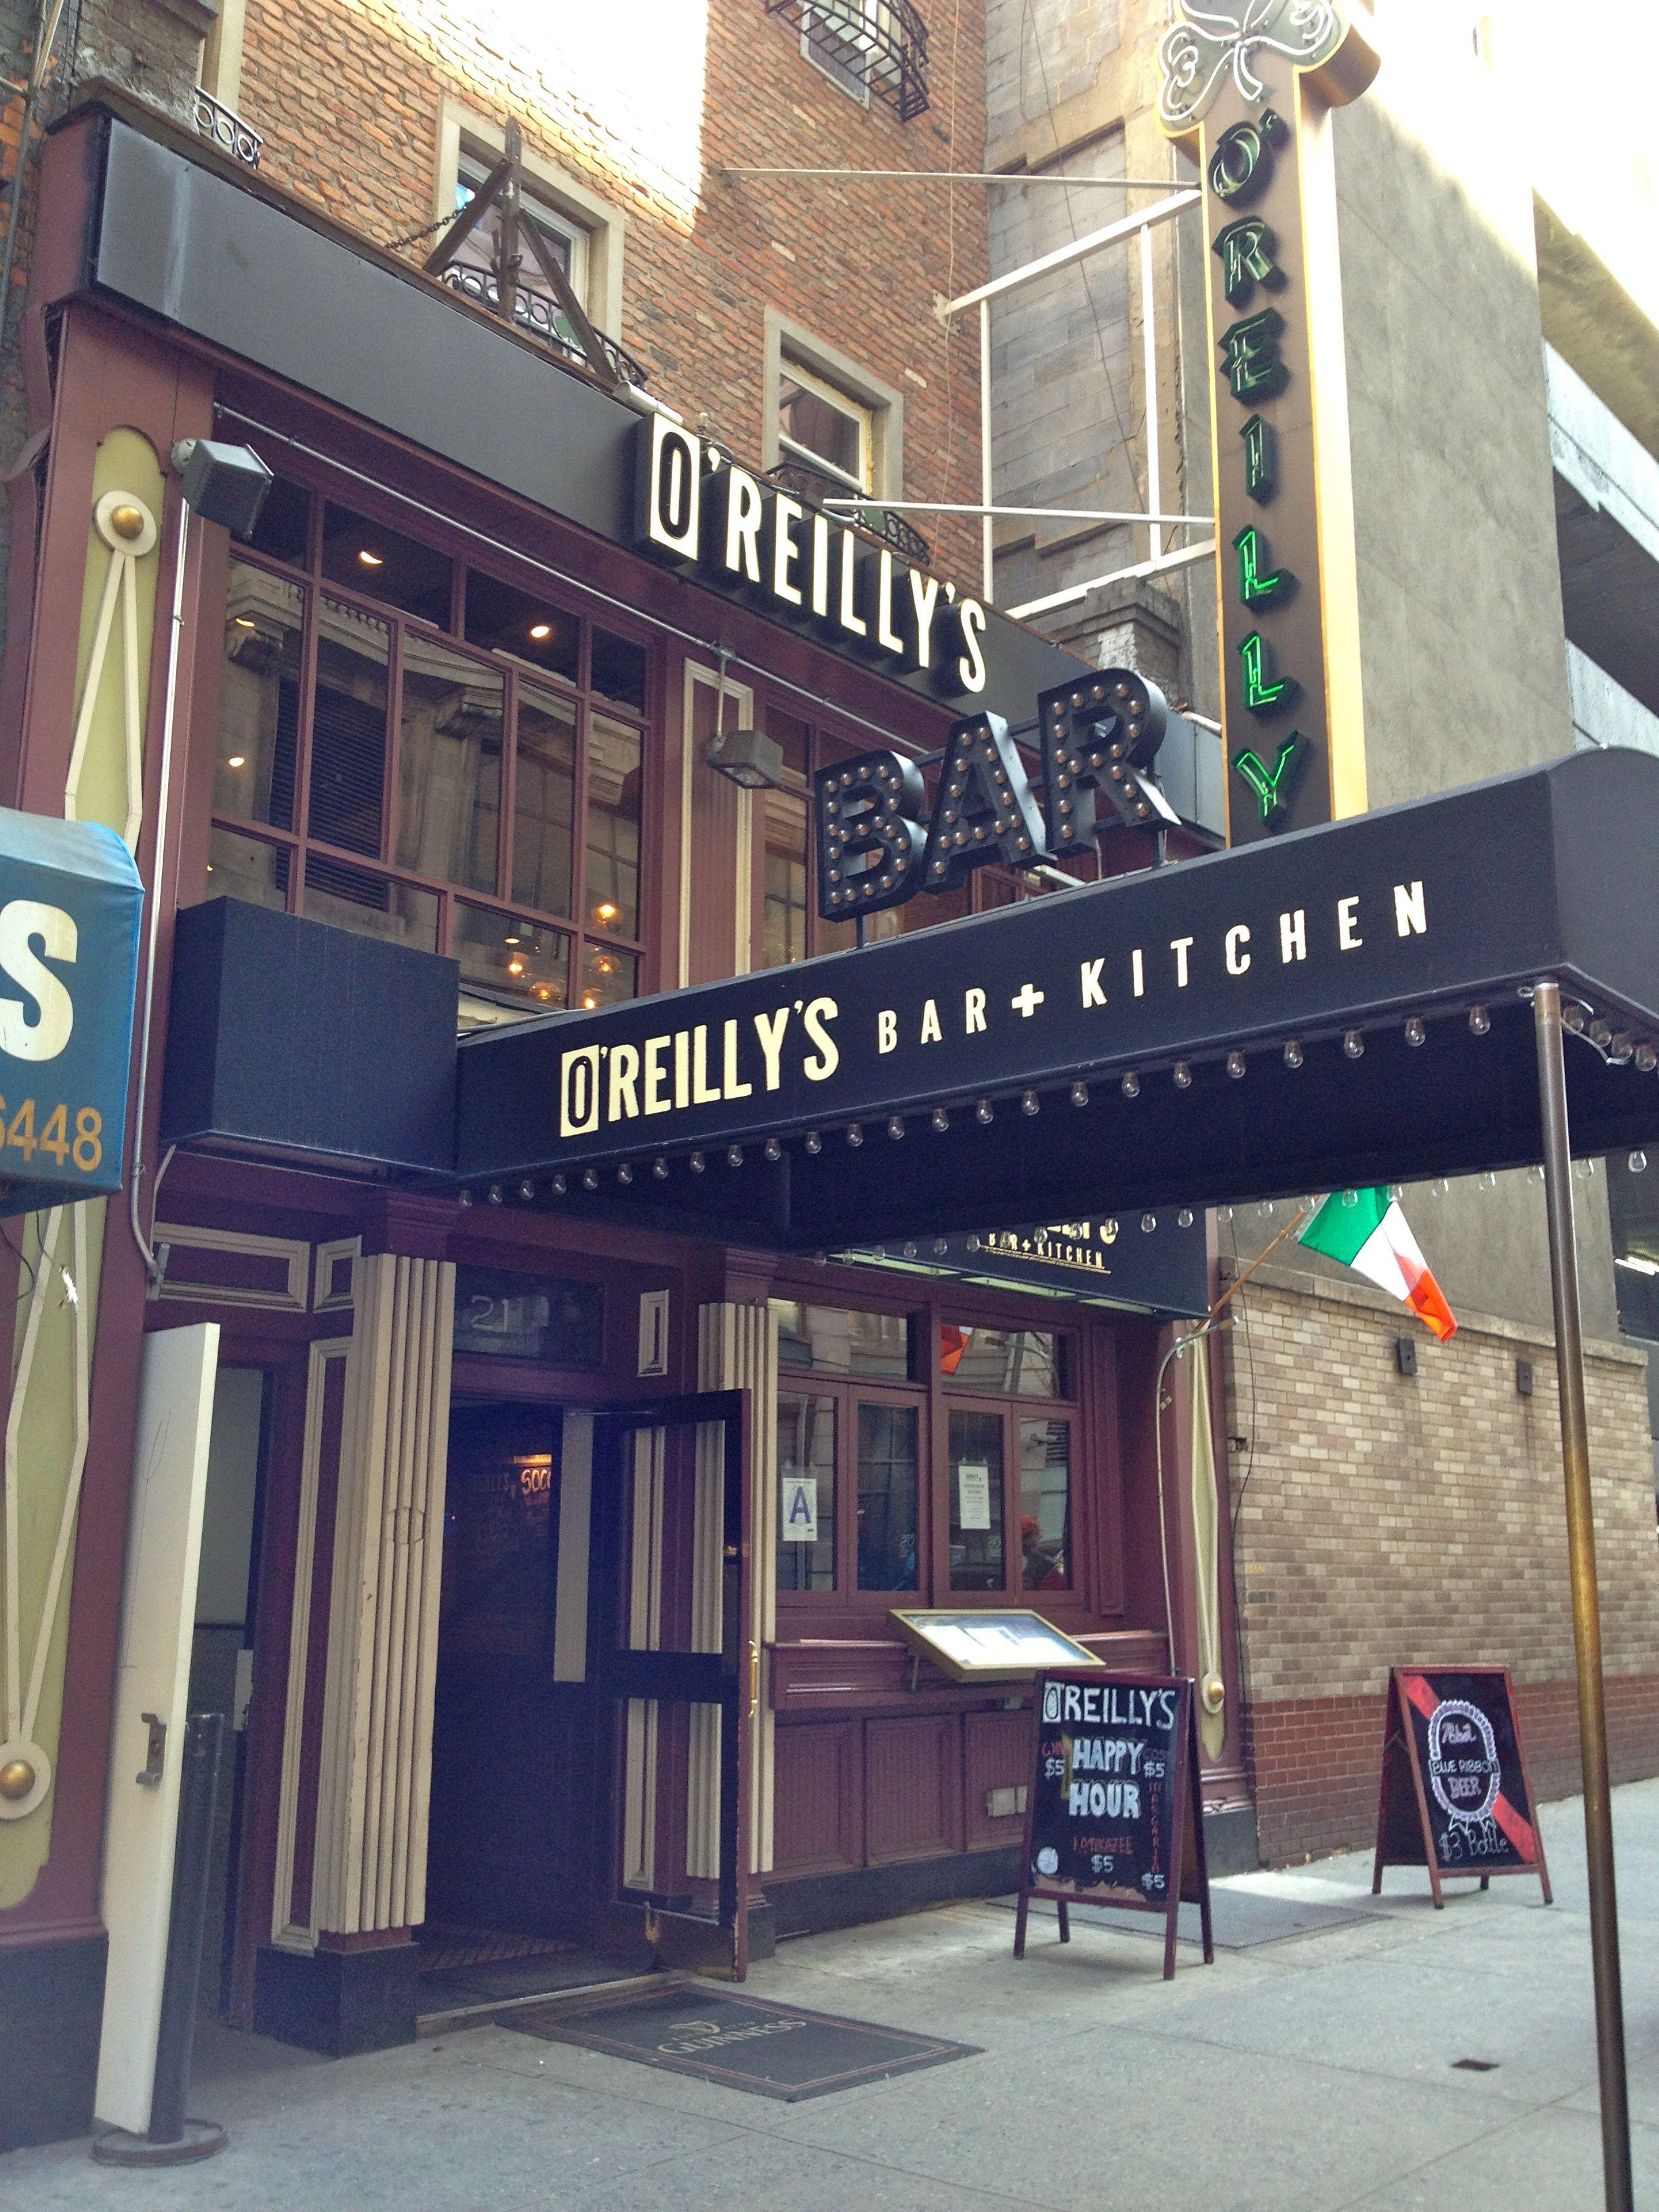 O Reilly S Bar Kitchen New York Ny Designed By Dallago Associates Inc Www Dallagodesign Com Irish Pub Bar And Kitc Kitchen New York Kitchen Bar Pub Bar